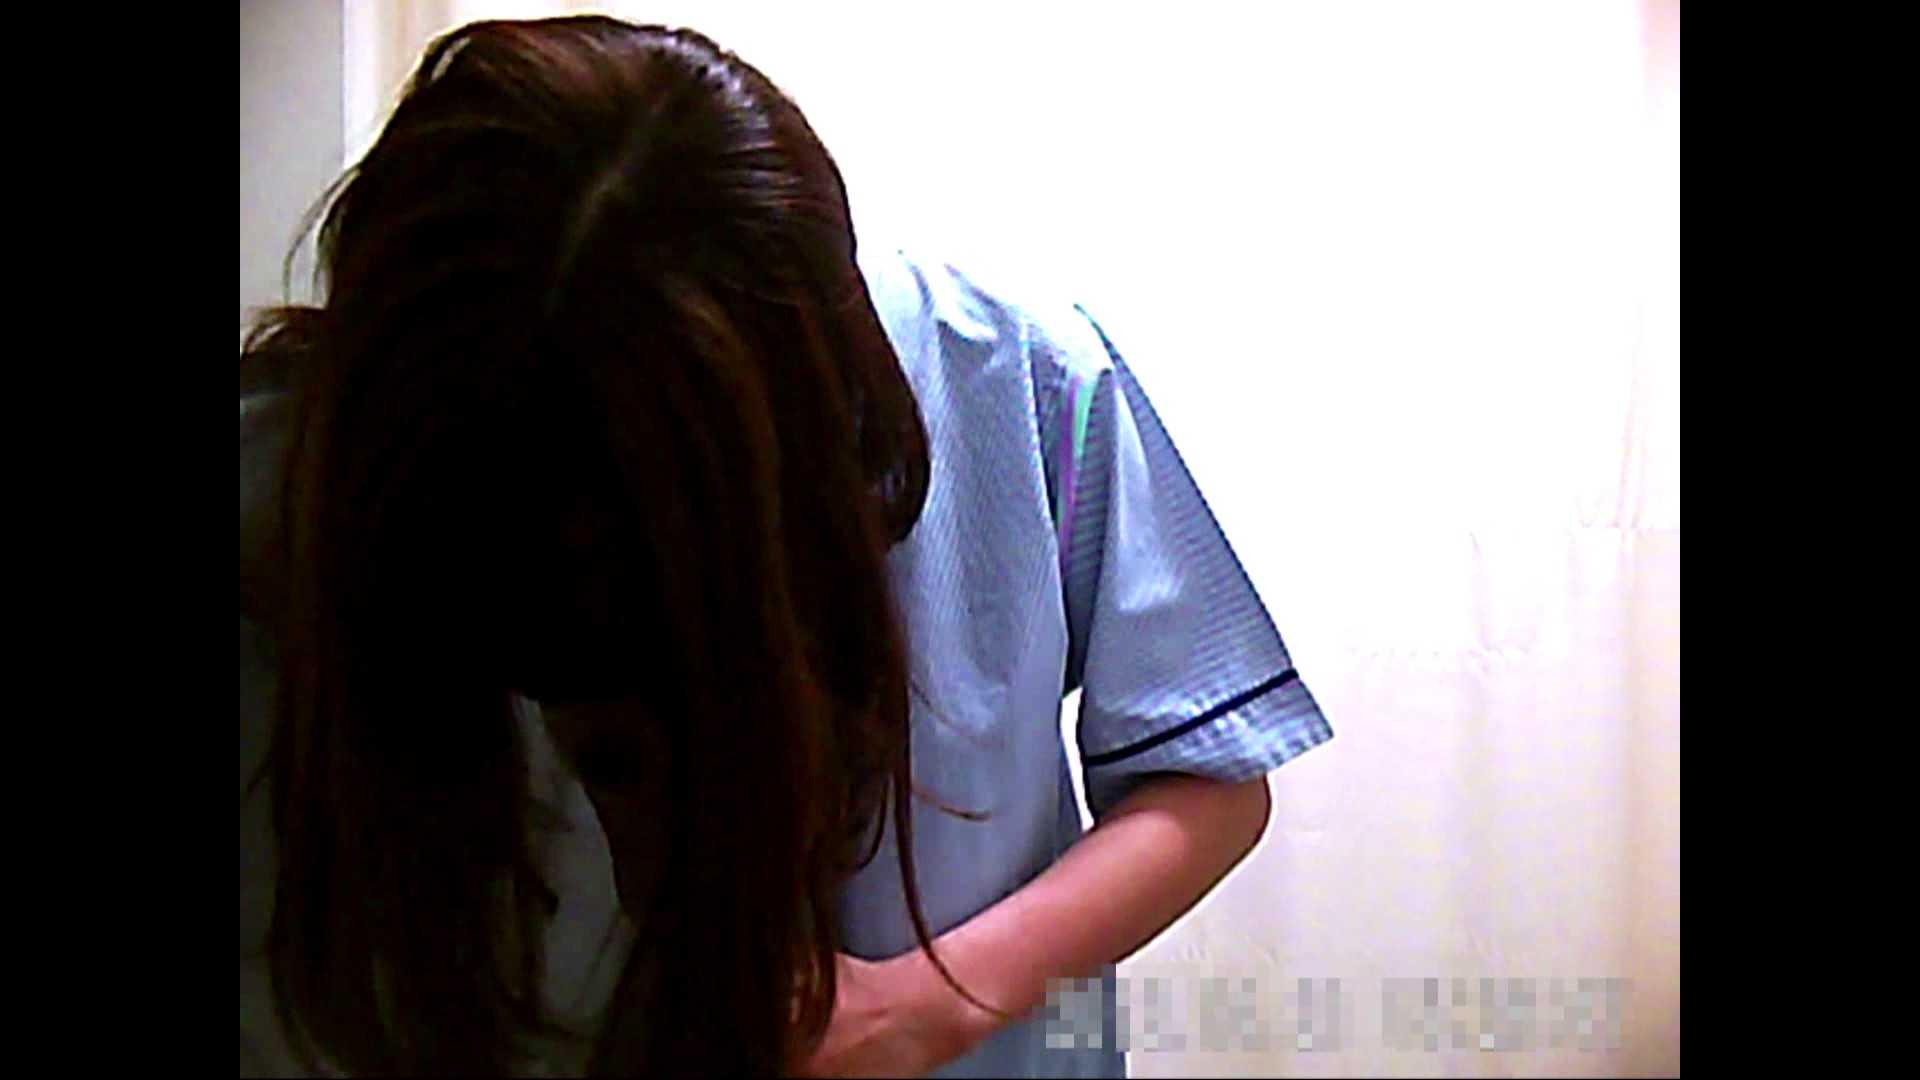 ハメ撮り|元医者による反抗 更衣室地獄絵巻 vol.012|怪盗ジョーカー